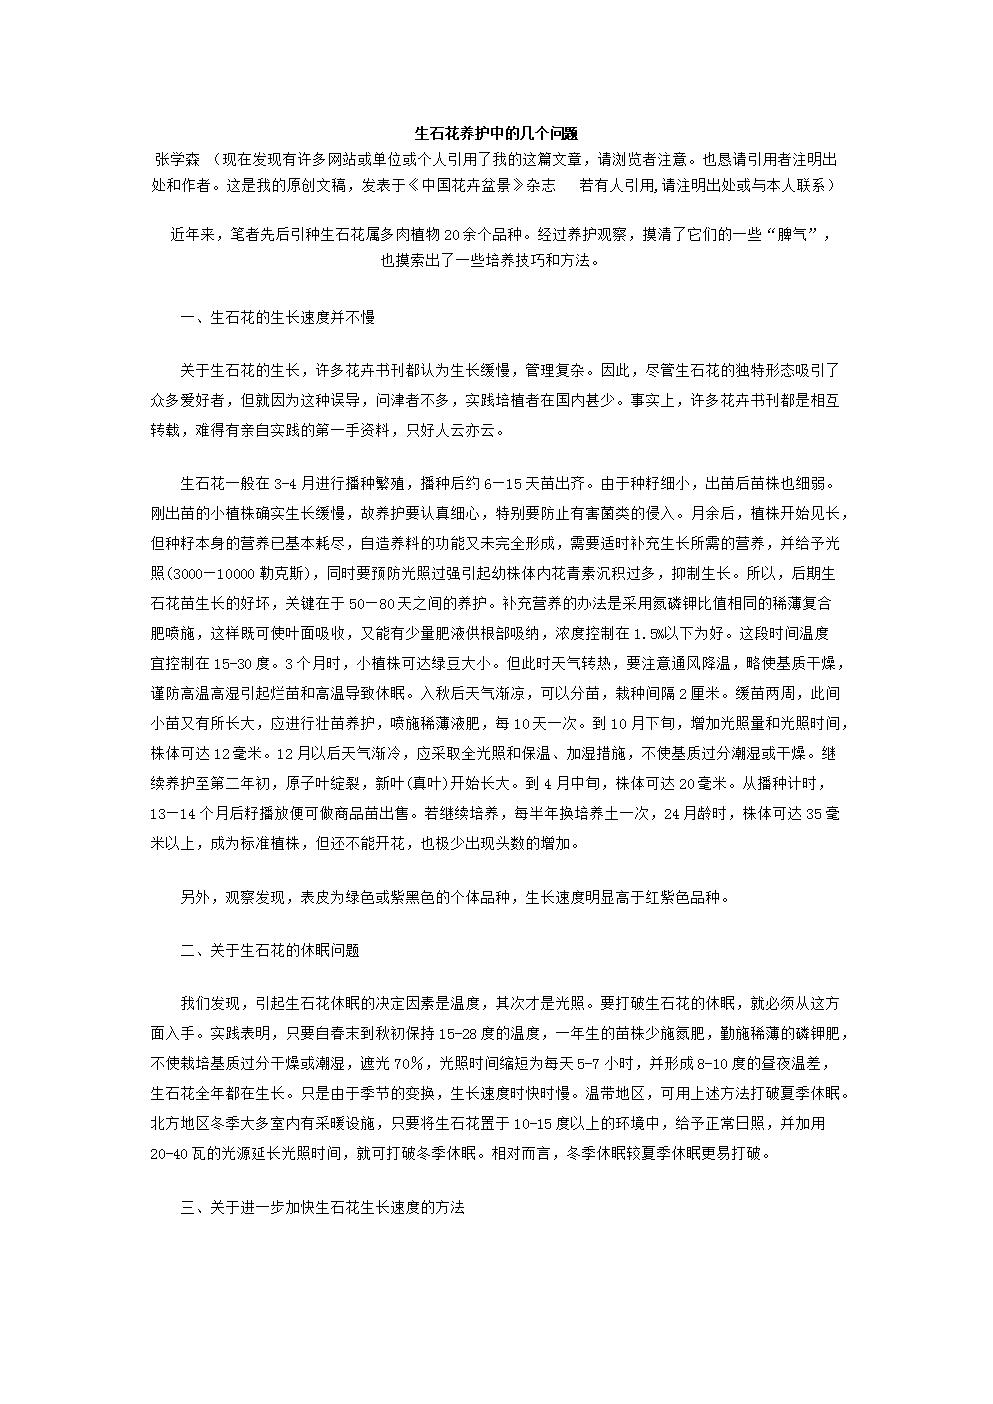 张学森的生石花养护.doc